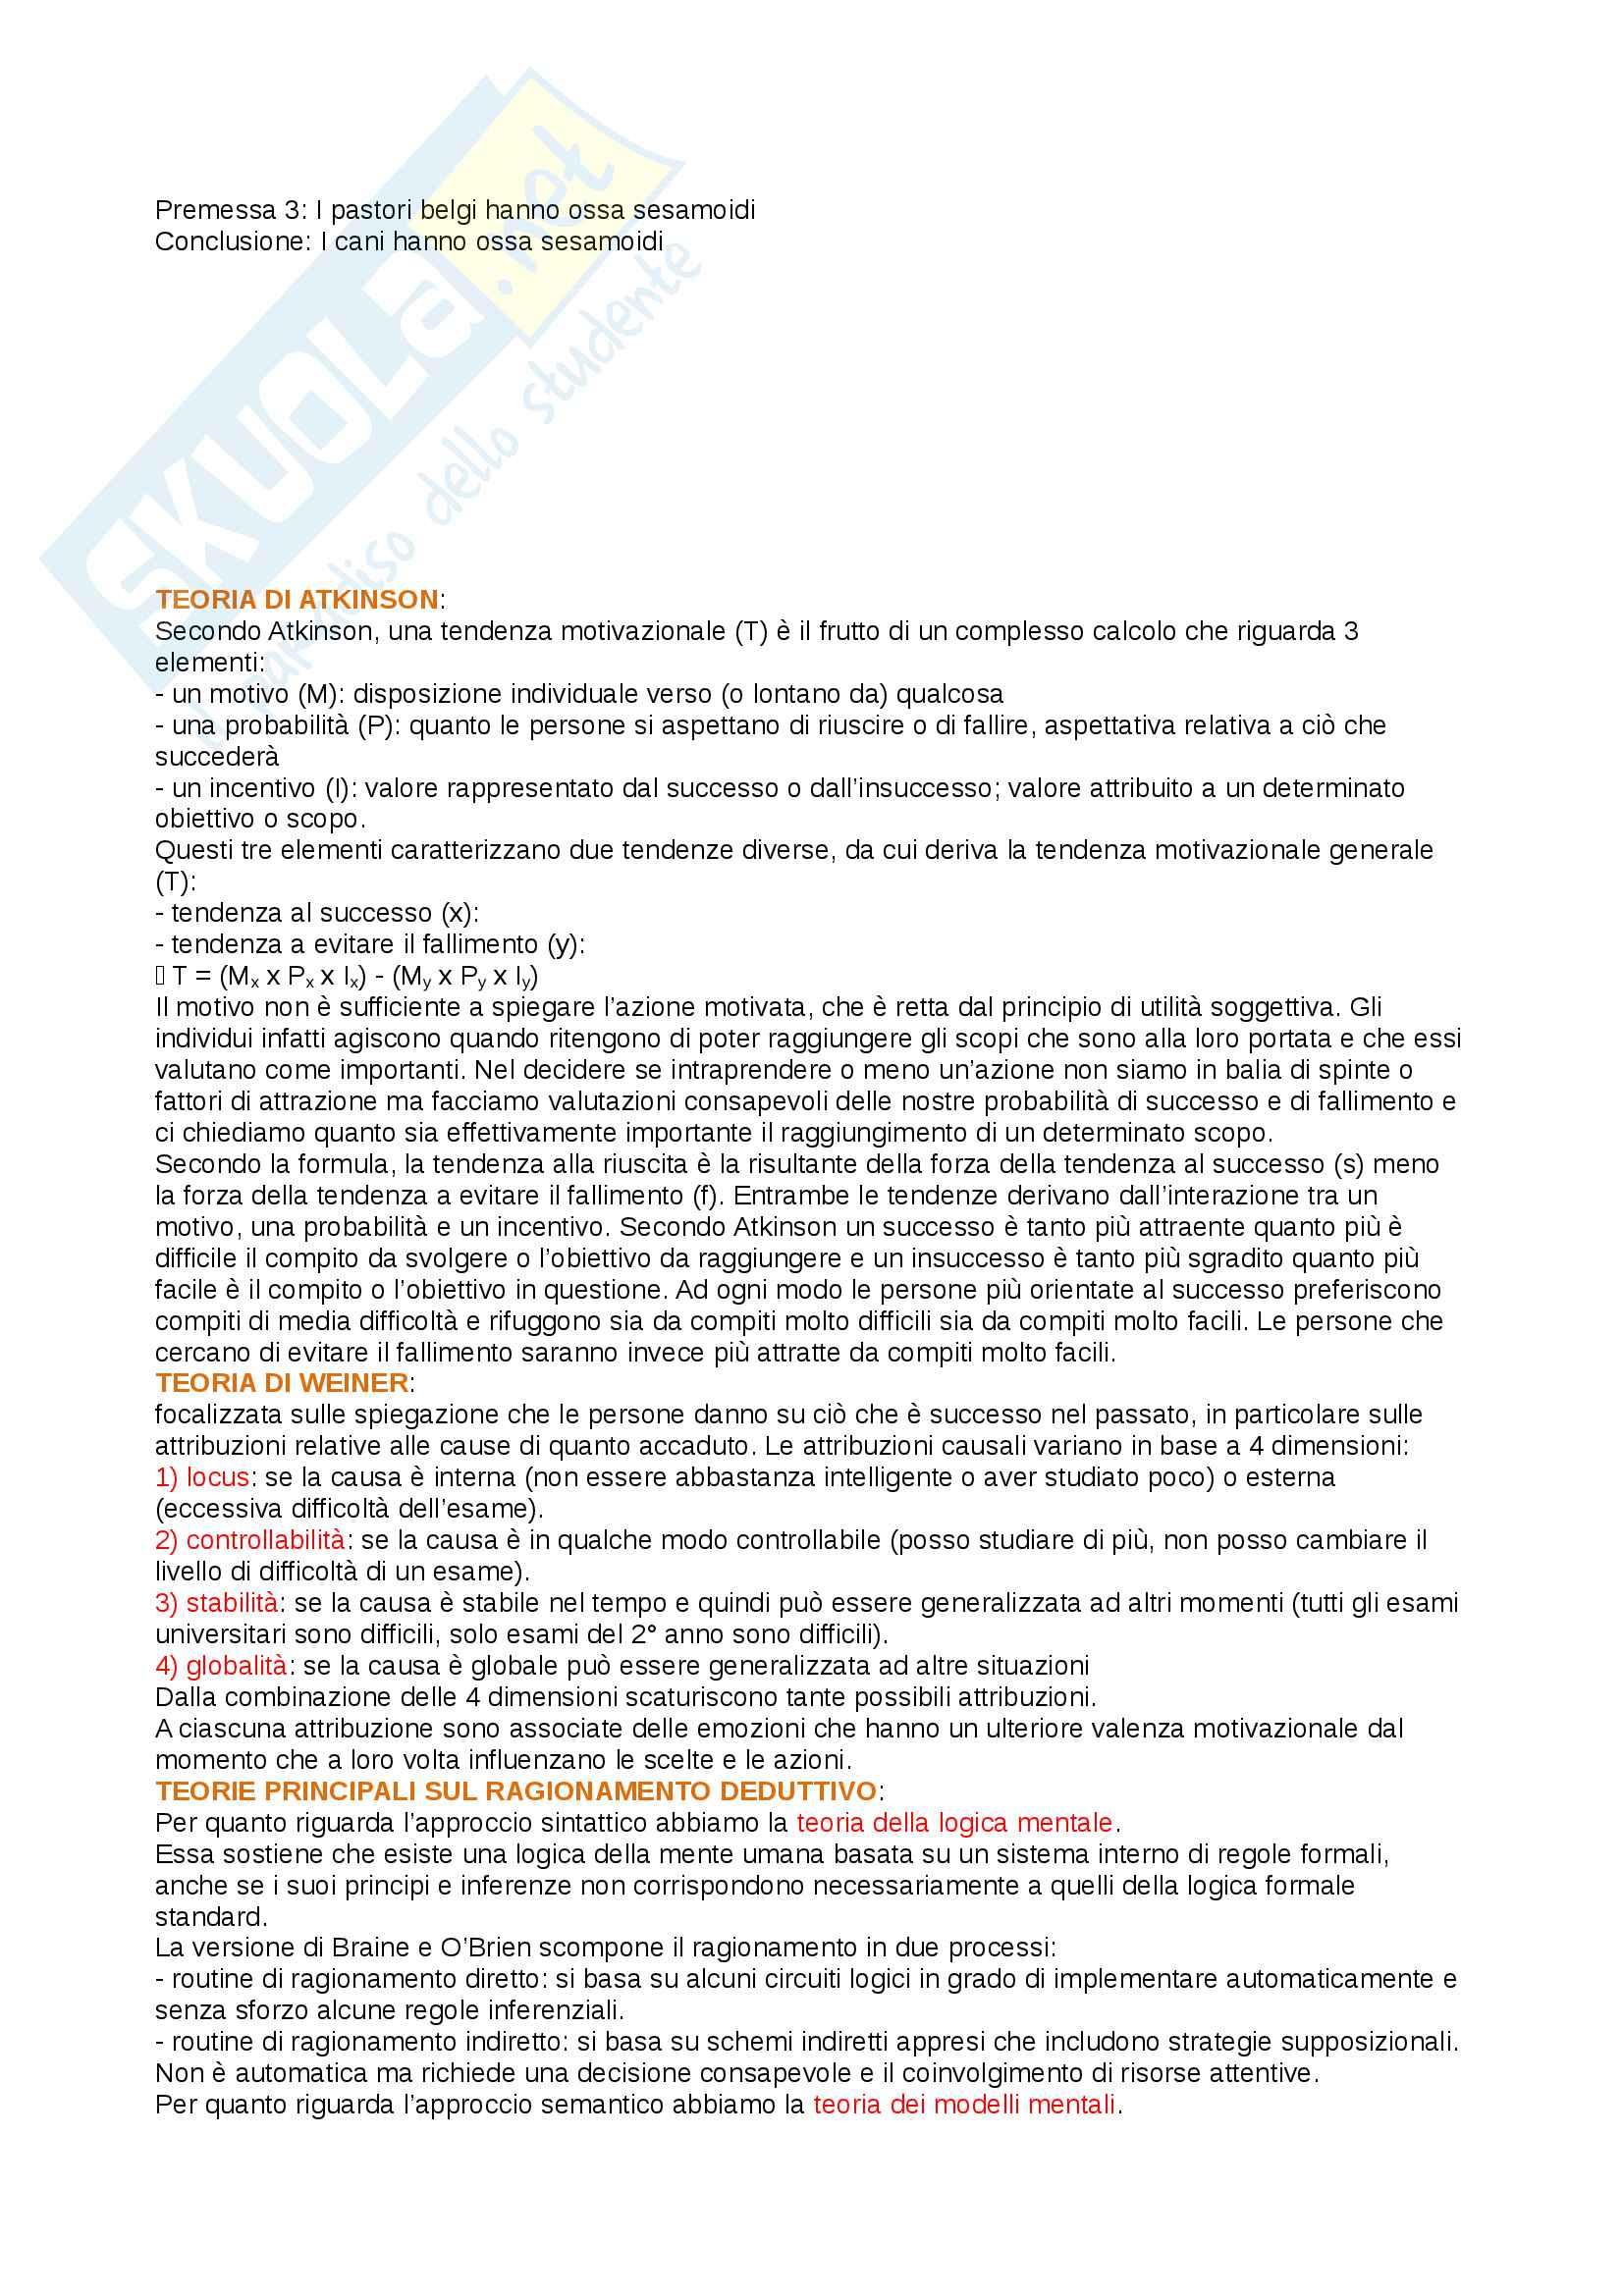 Domande aperte, reverberi, psicologia generale 2, Cherubini Pag. 16